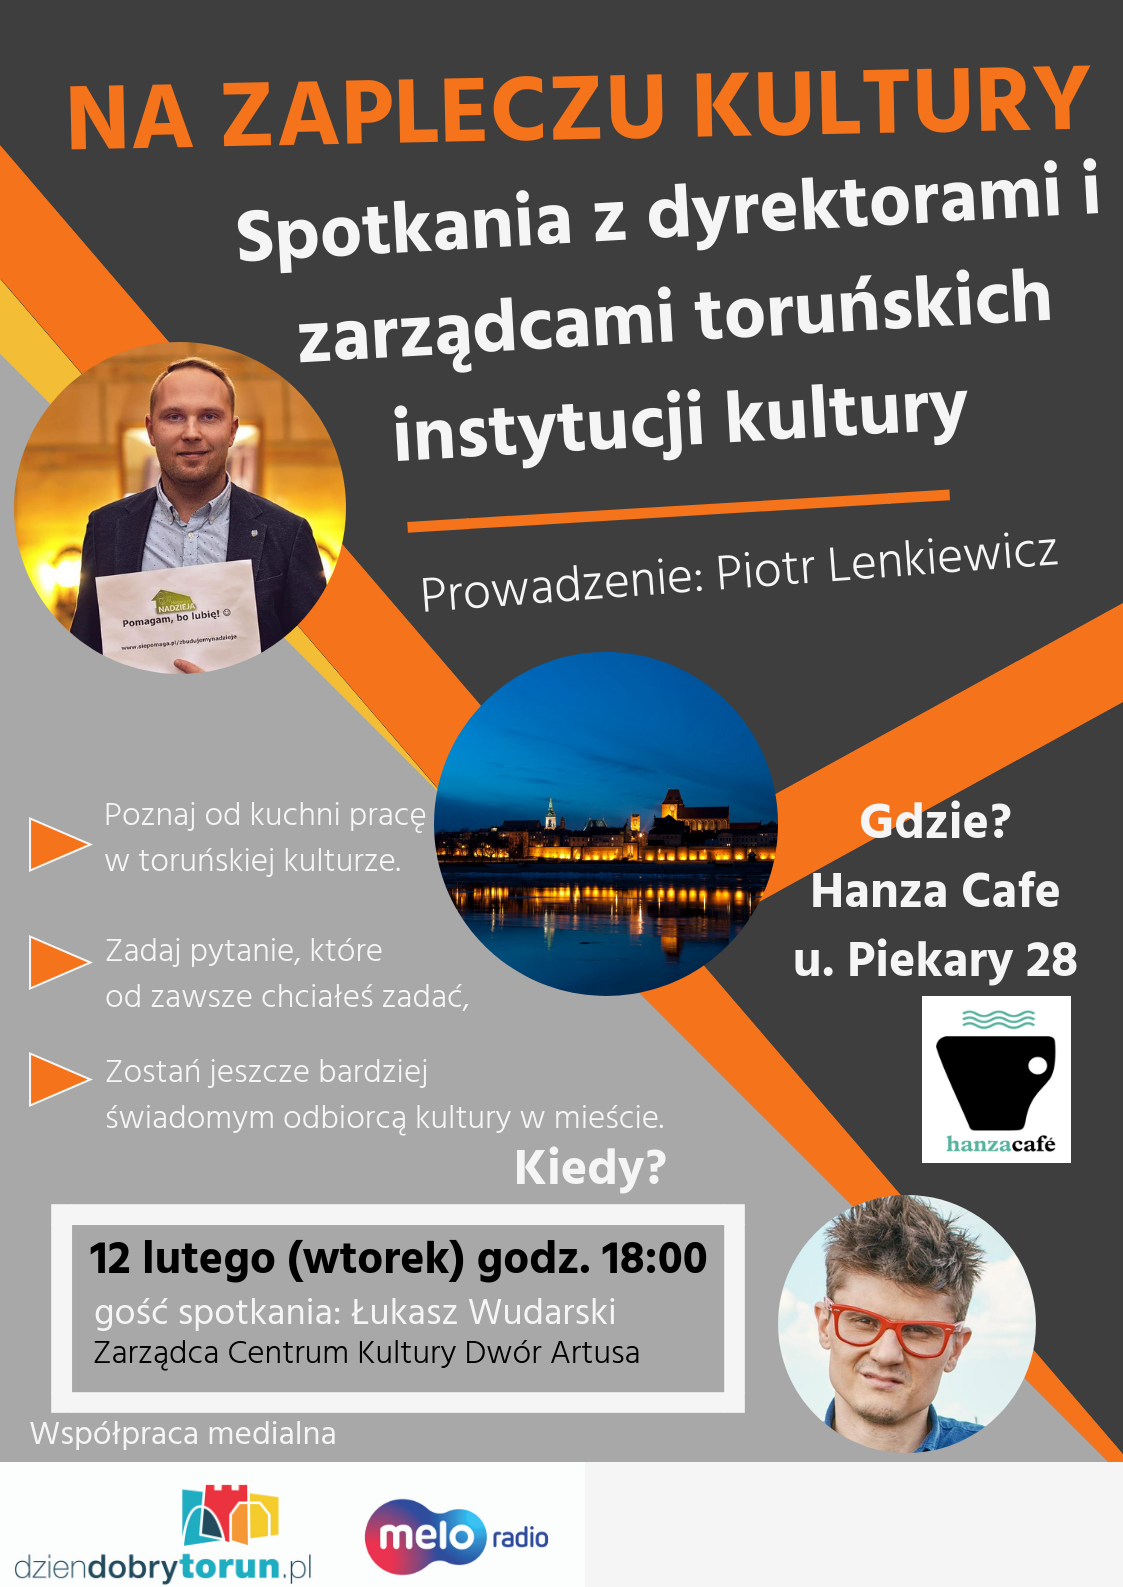 Zaplecze_plakat